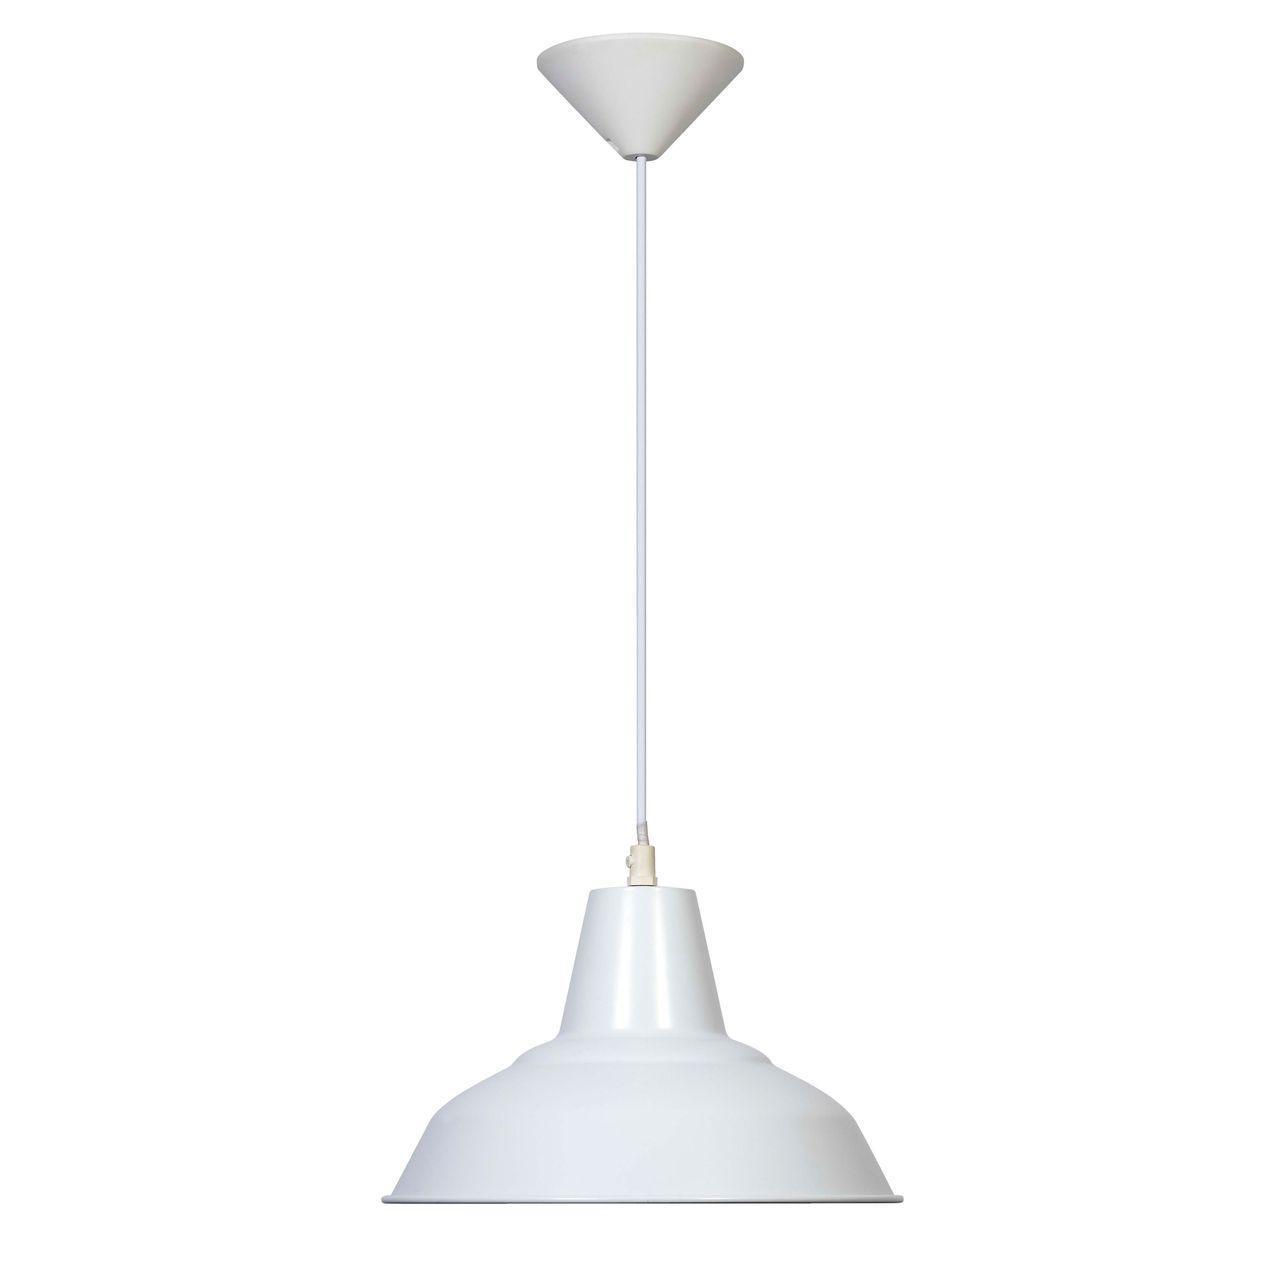 Купить Подвесной светильник Spot Light Meg, inmyroom, Польша